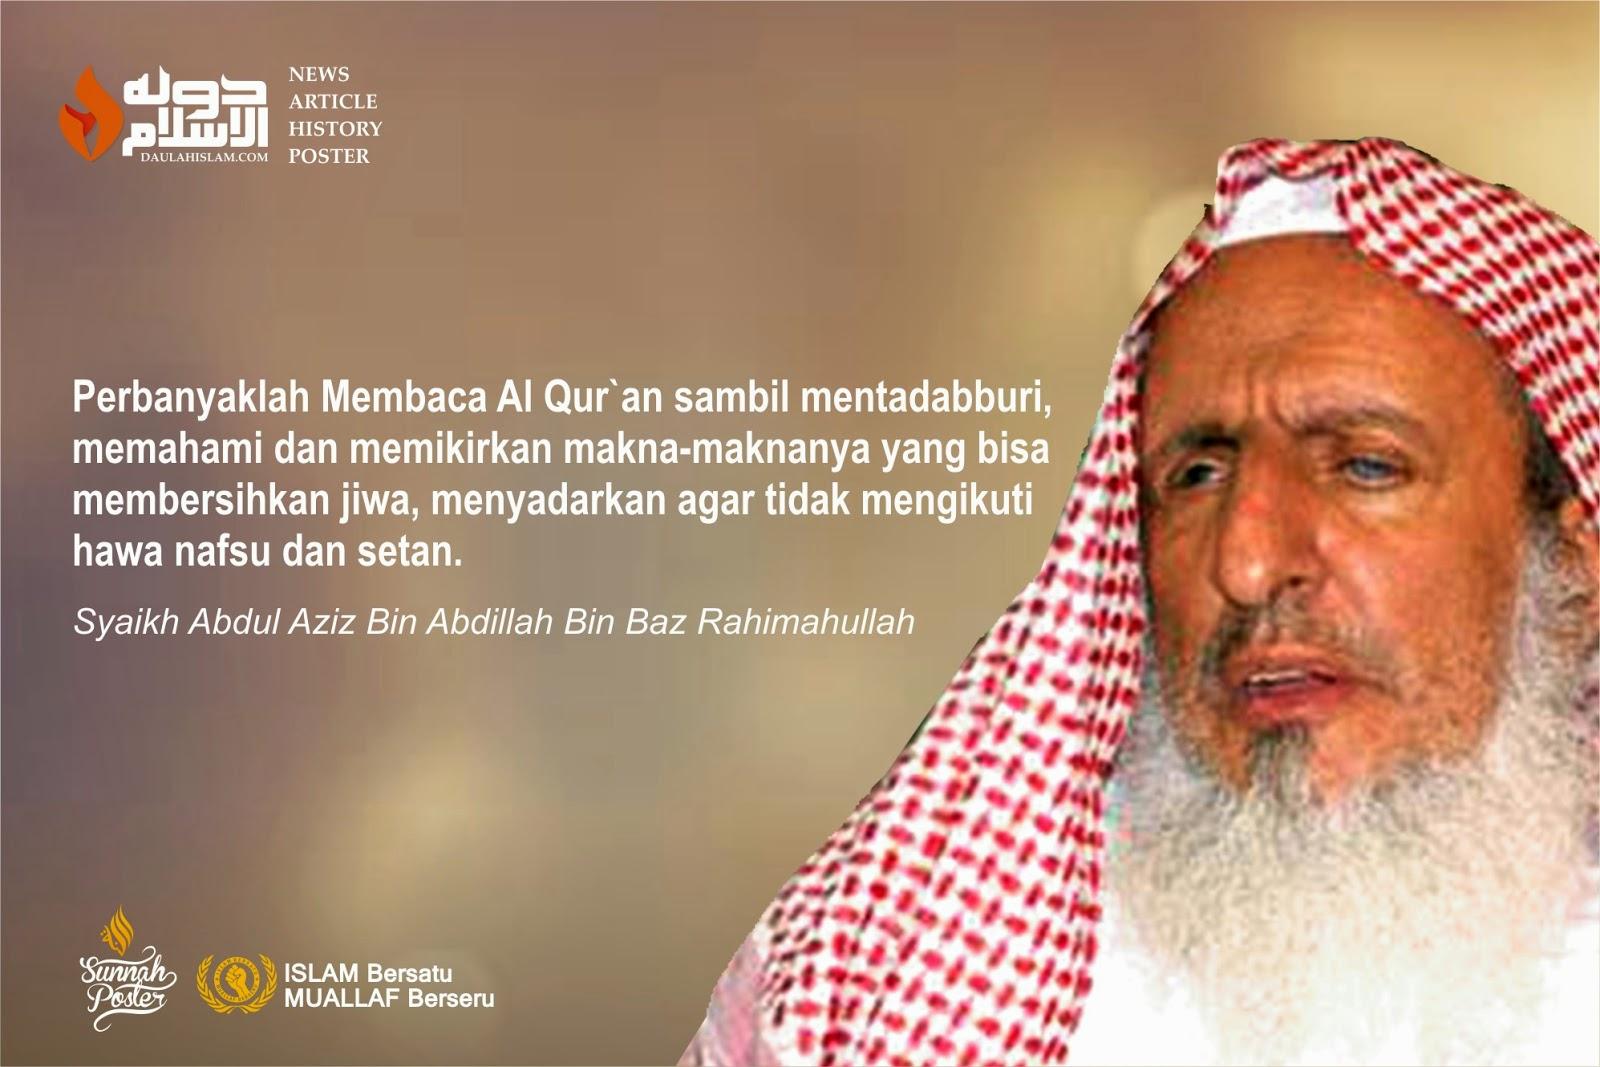 Syaikh Abdul Aziz Bin Abdillah Baz